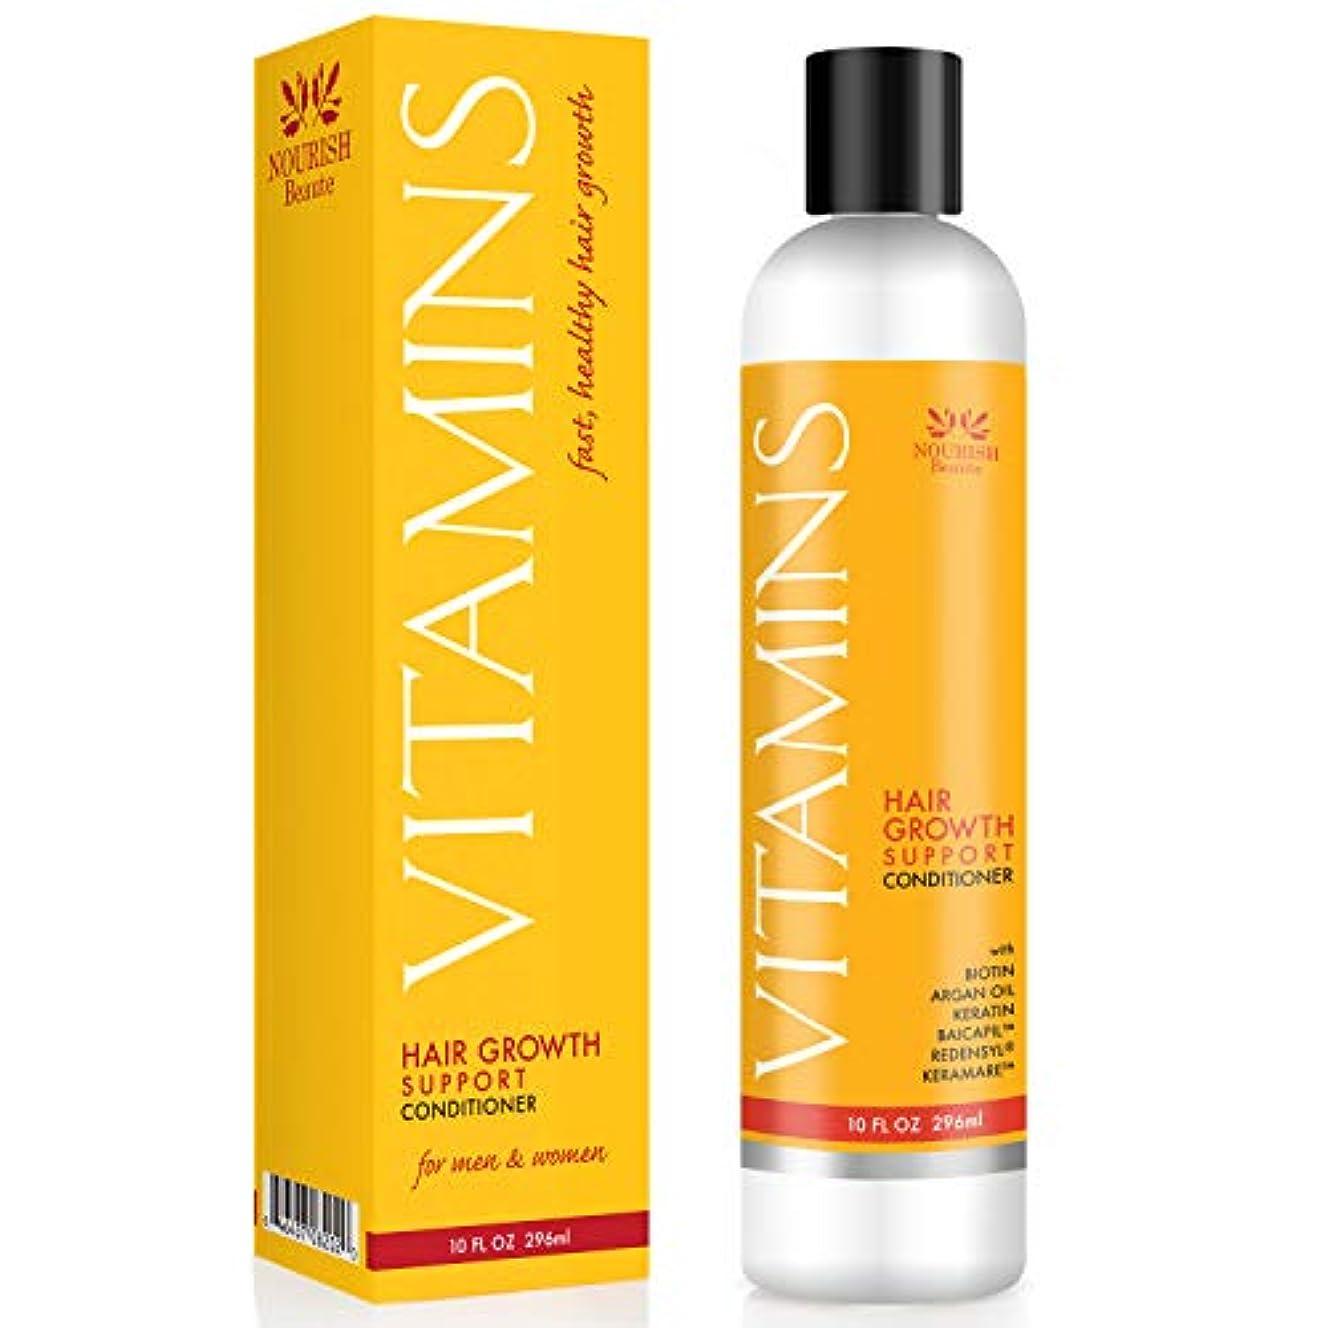 階下スカーフ戦争Vitamins - オーガニック 脱毛トリートメント コンディショナー Organic Hair Loss Treatment and Conditioner, 10 Ounce (296ml)